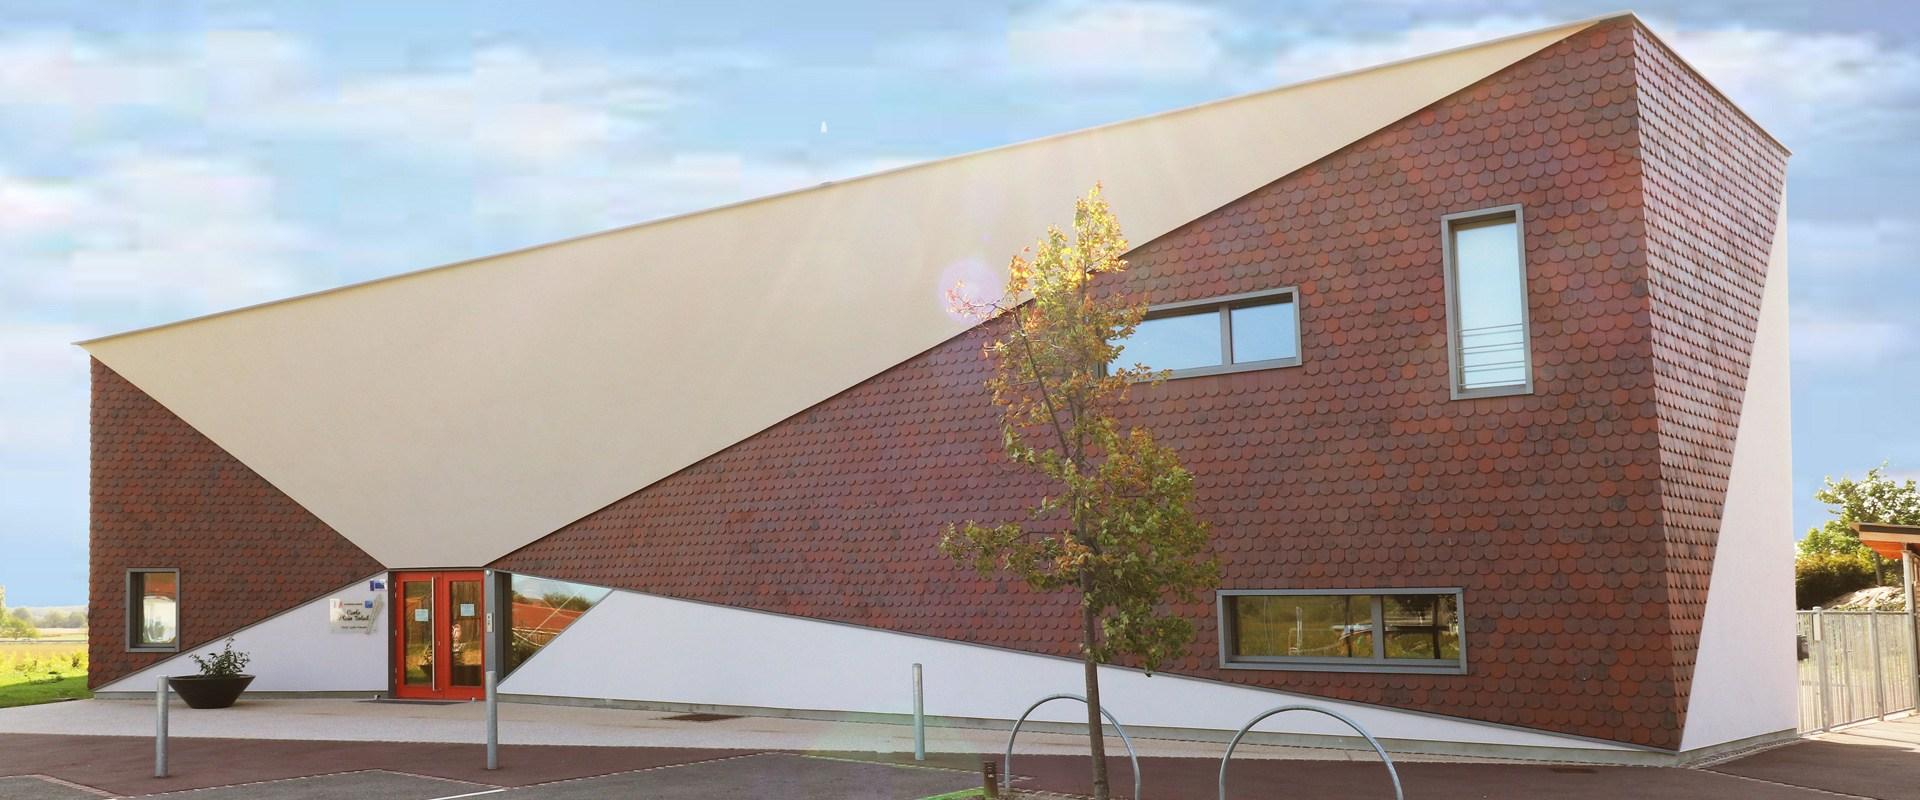 Conception école publique